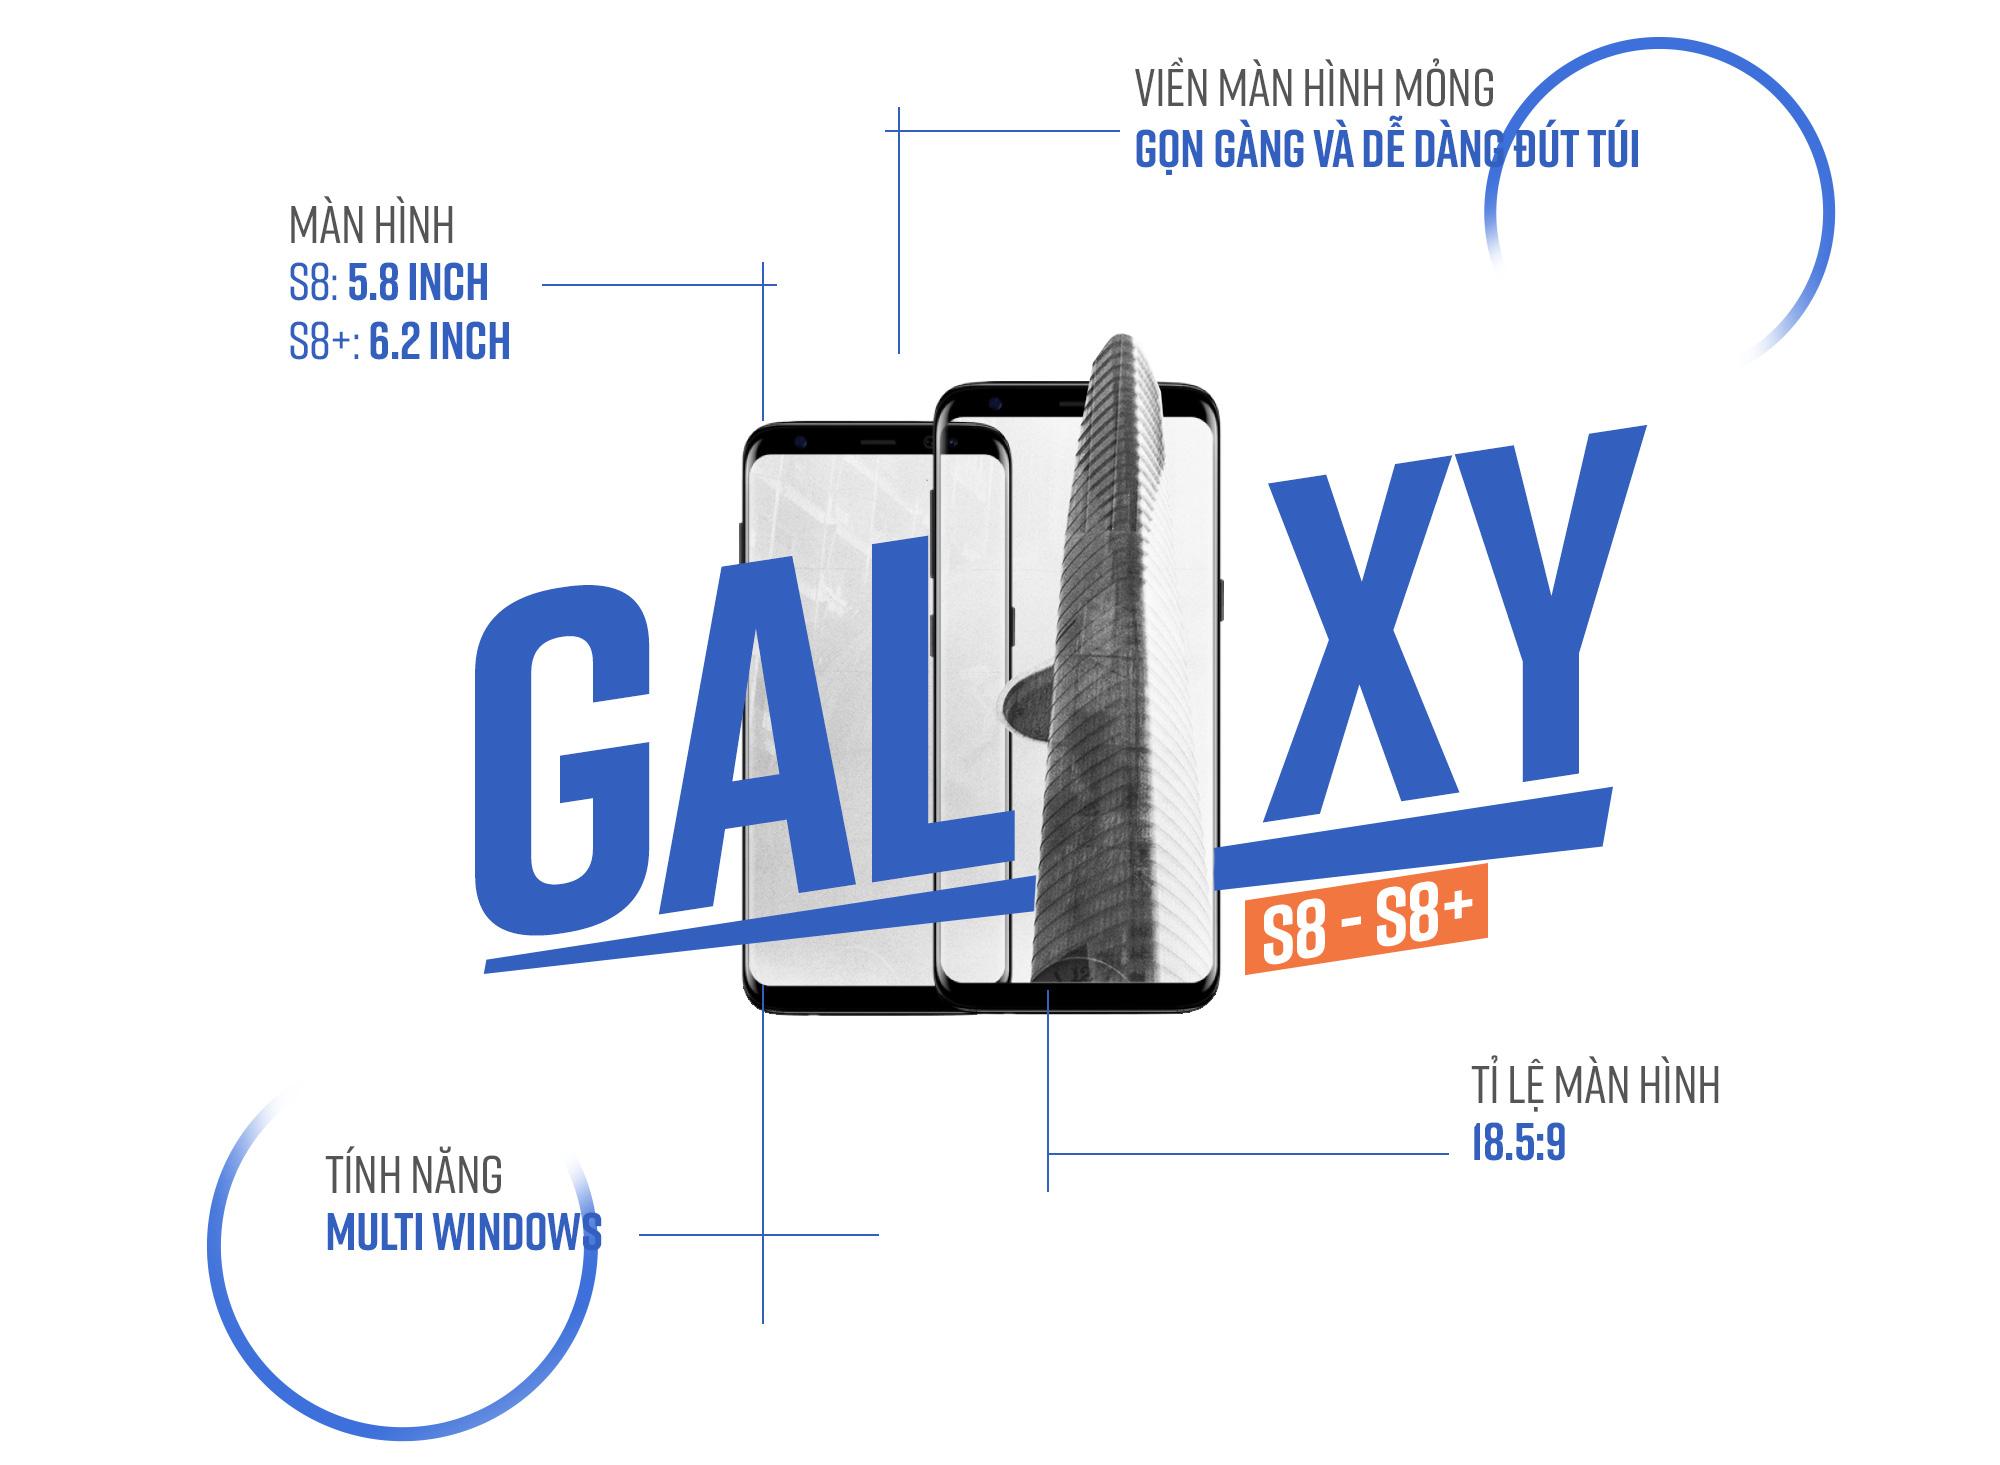 Với Galaxy S8, bạn có thể biến tất cả mọi thứ thành Vô cực - Ảnh 9.